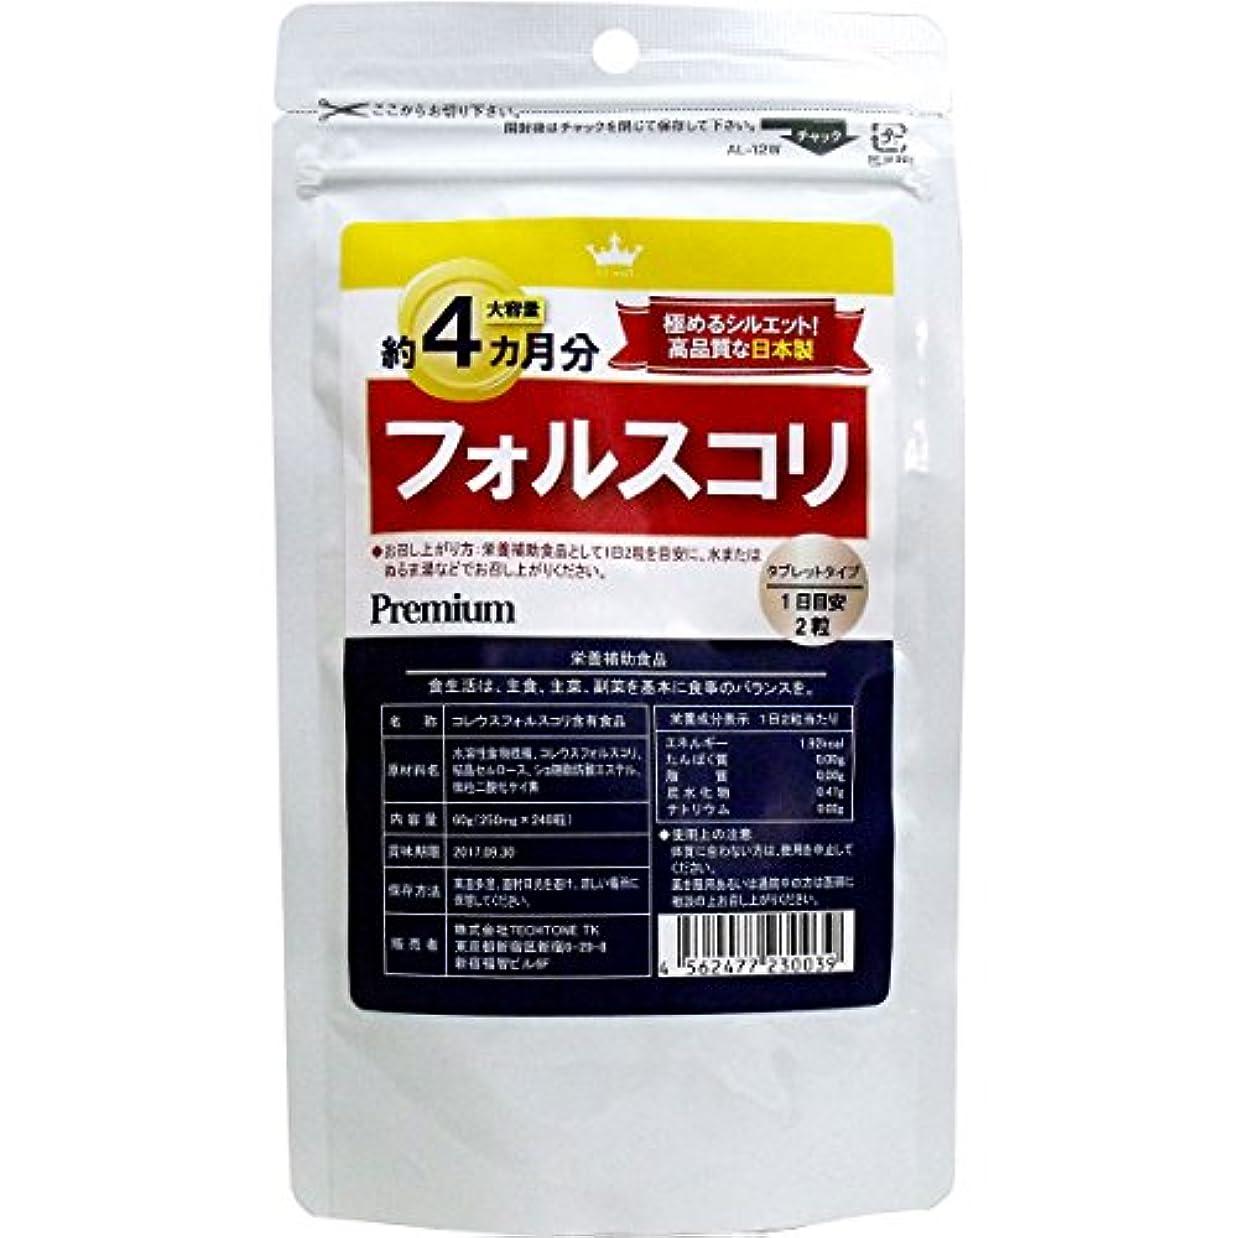 わかりやすい眠り洪水サプリメント 高品質な日本製 健康食品 フォルスコリ 約4カ月分 240粒入